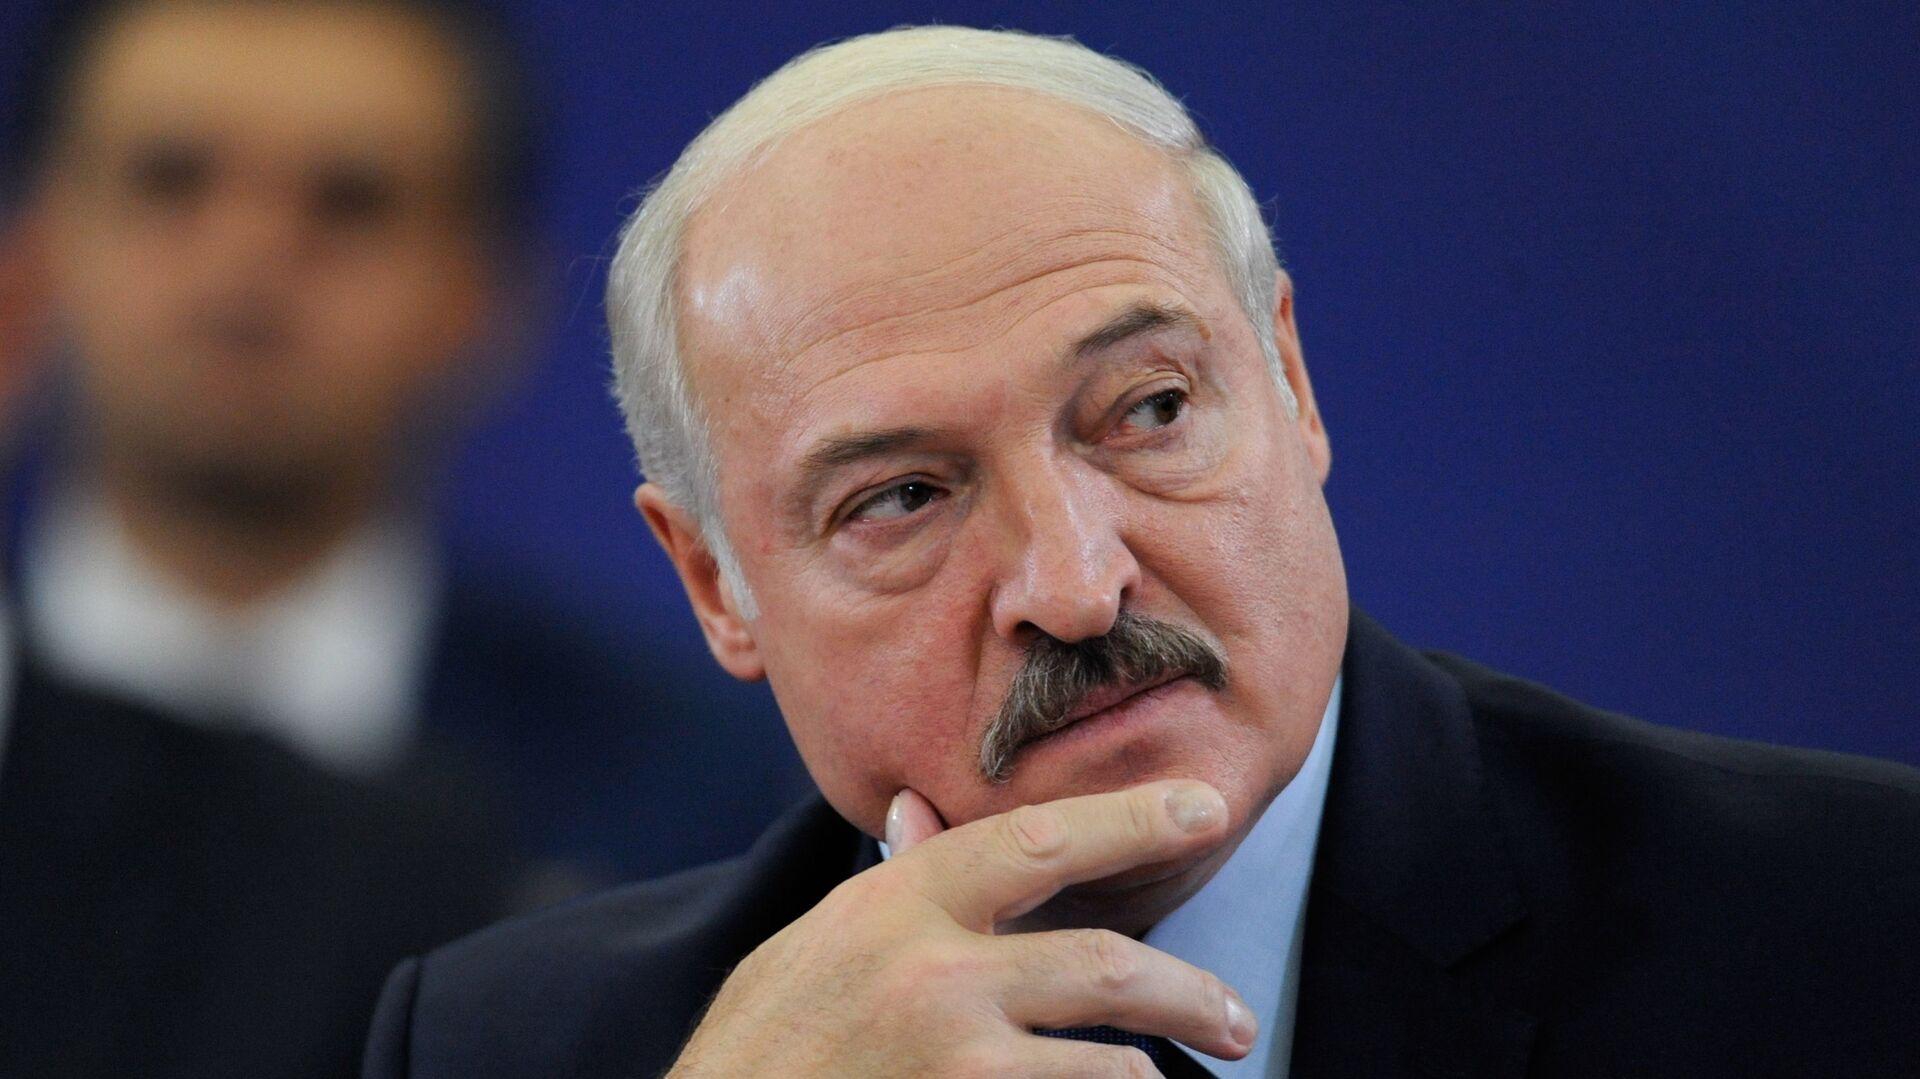 Alexandr Lukashenko, el presidente de Bielorrusia - Sputnik Mundo, 1920, 12.02.2021